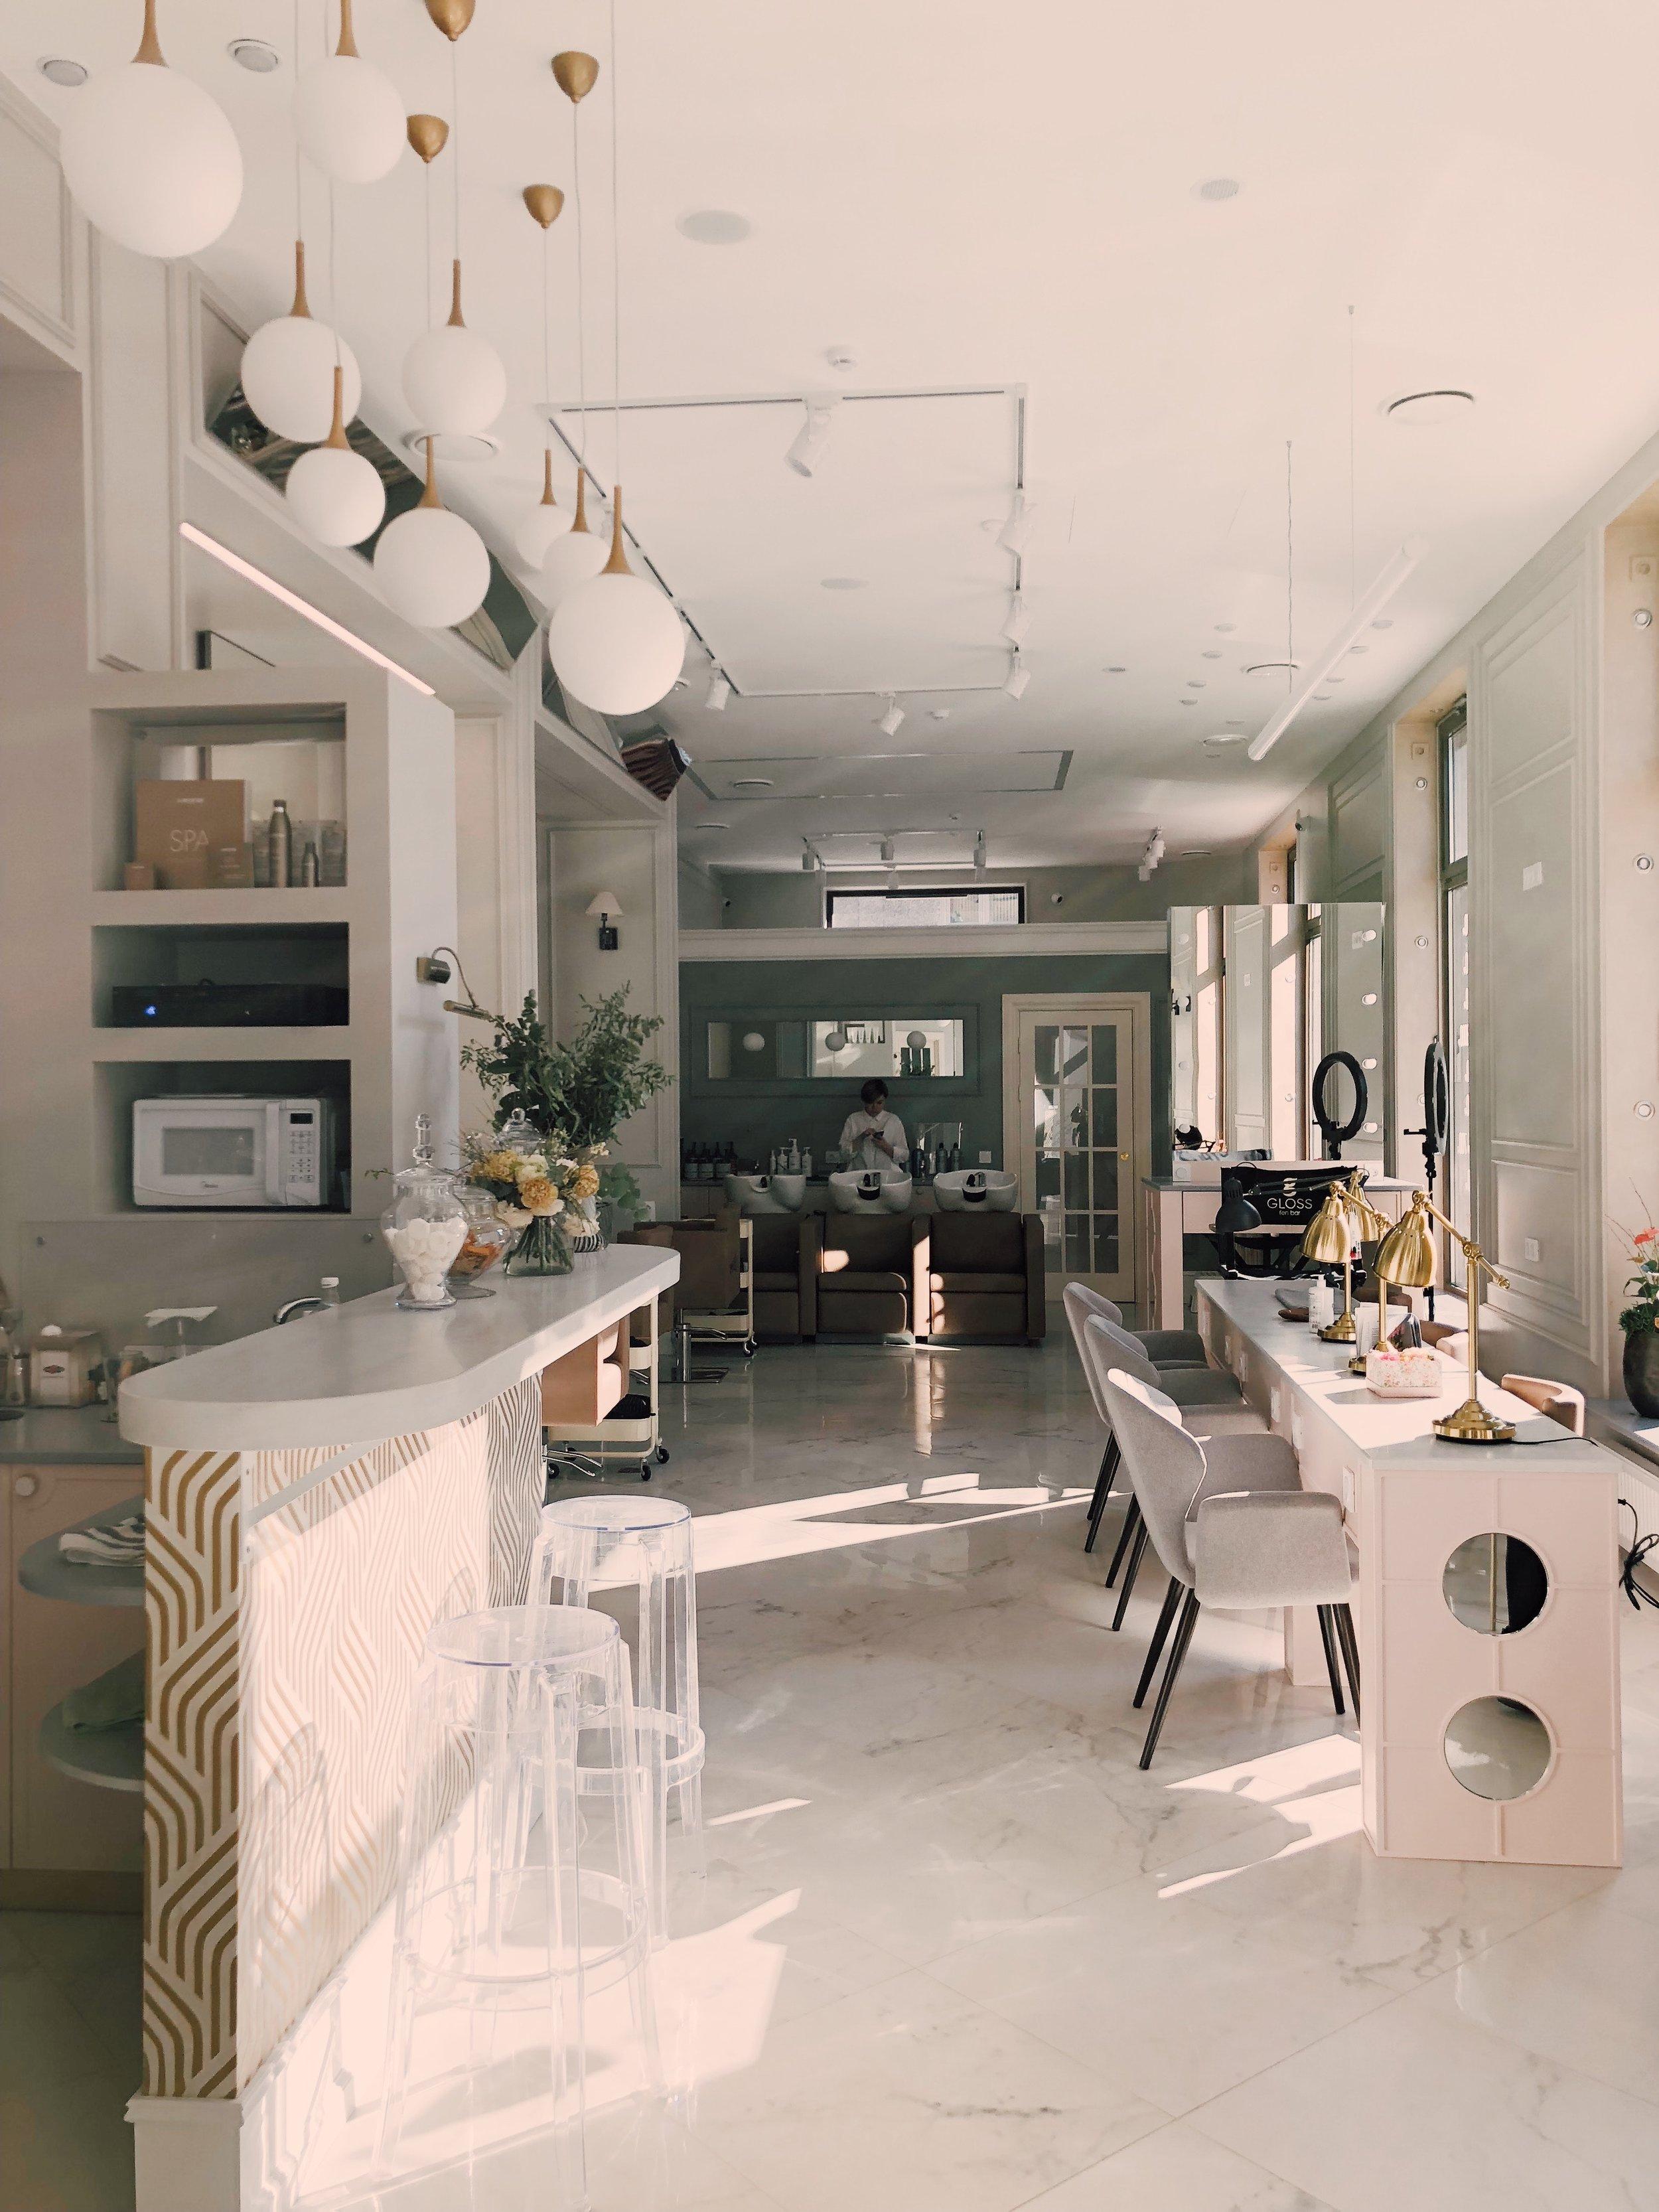 apartment-beauty-salon-ceiling-1029803.jpg